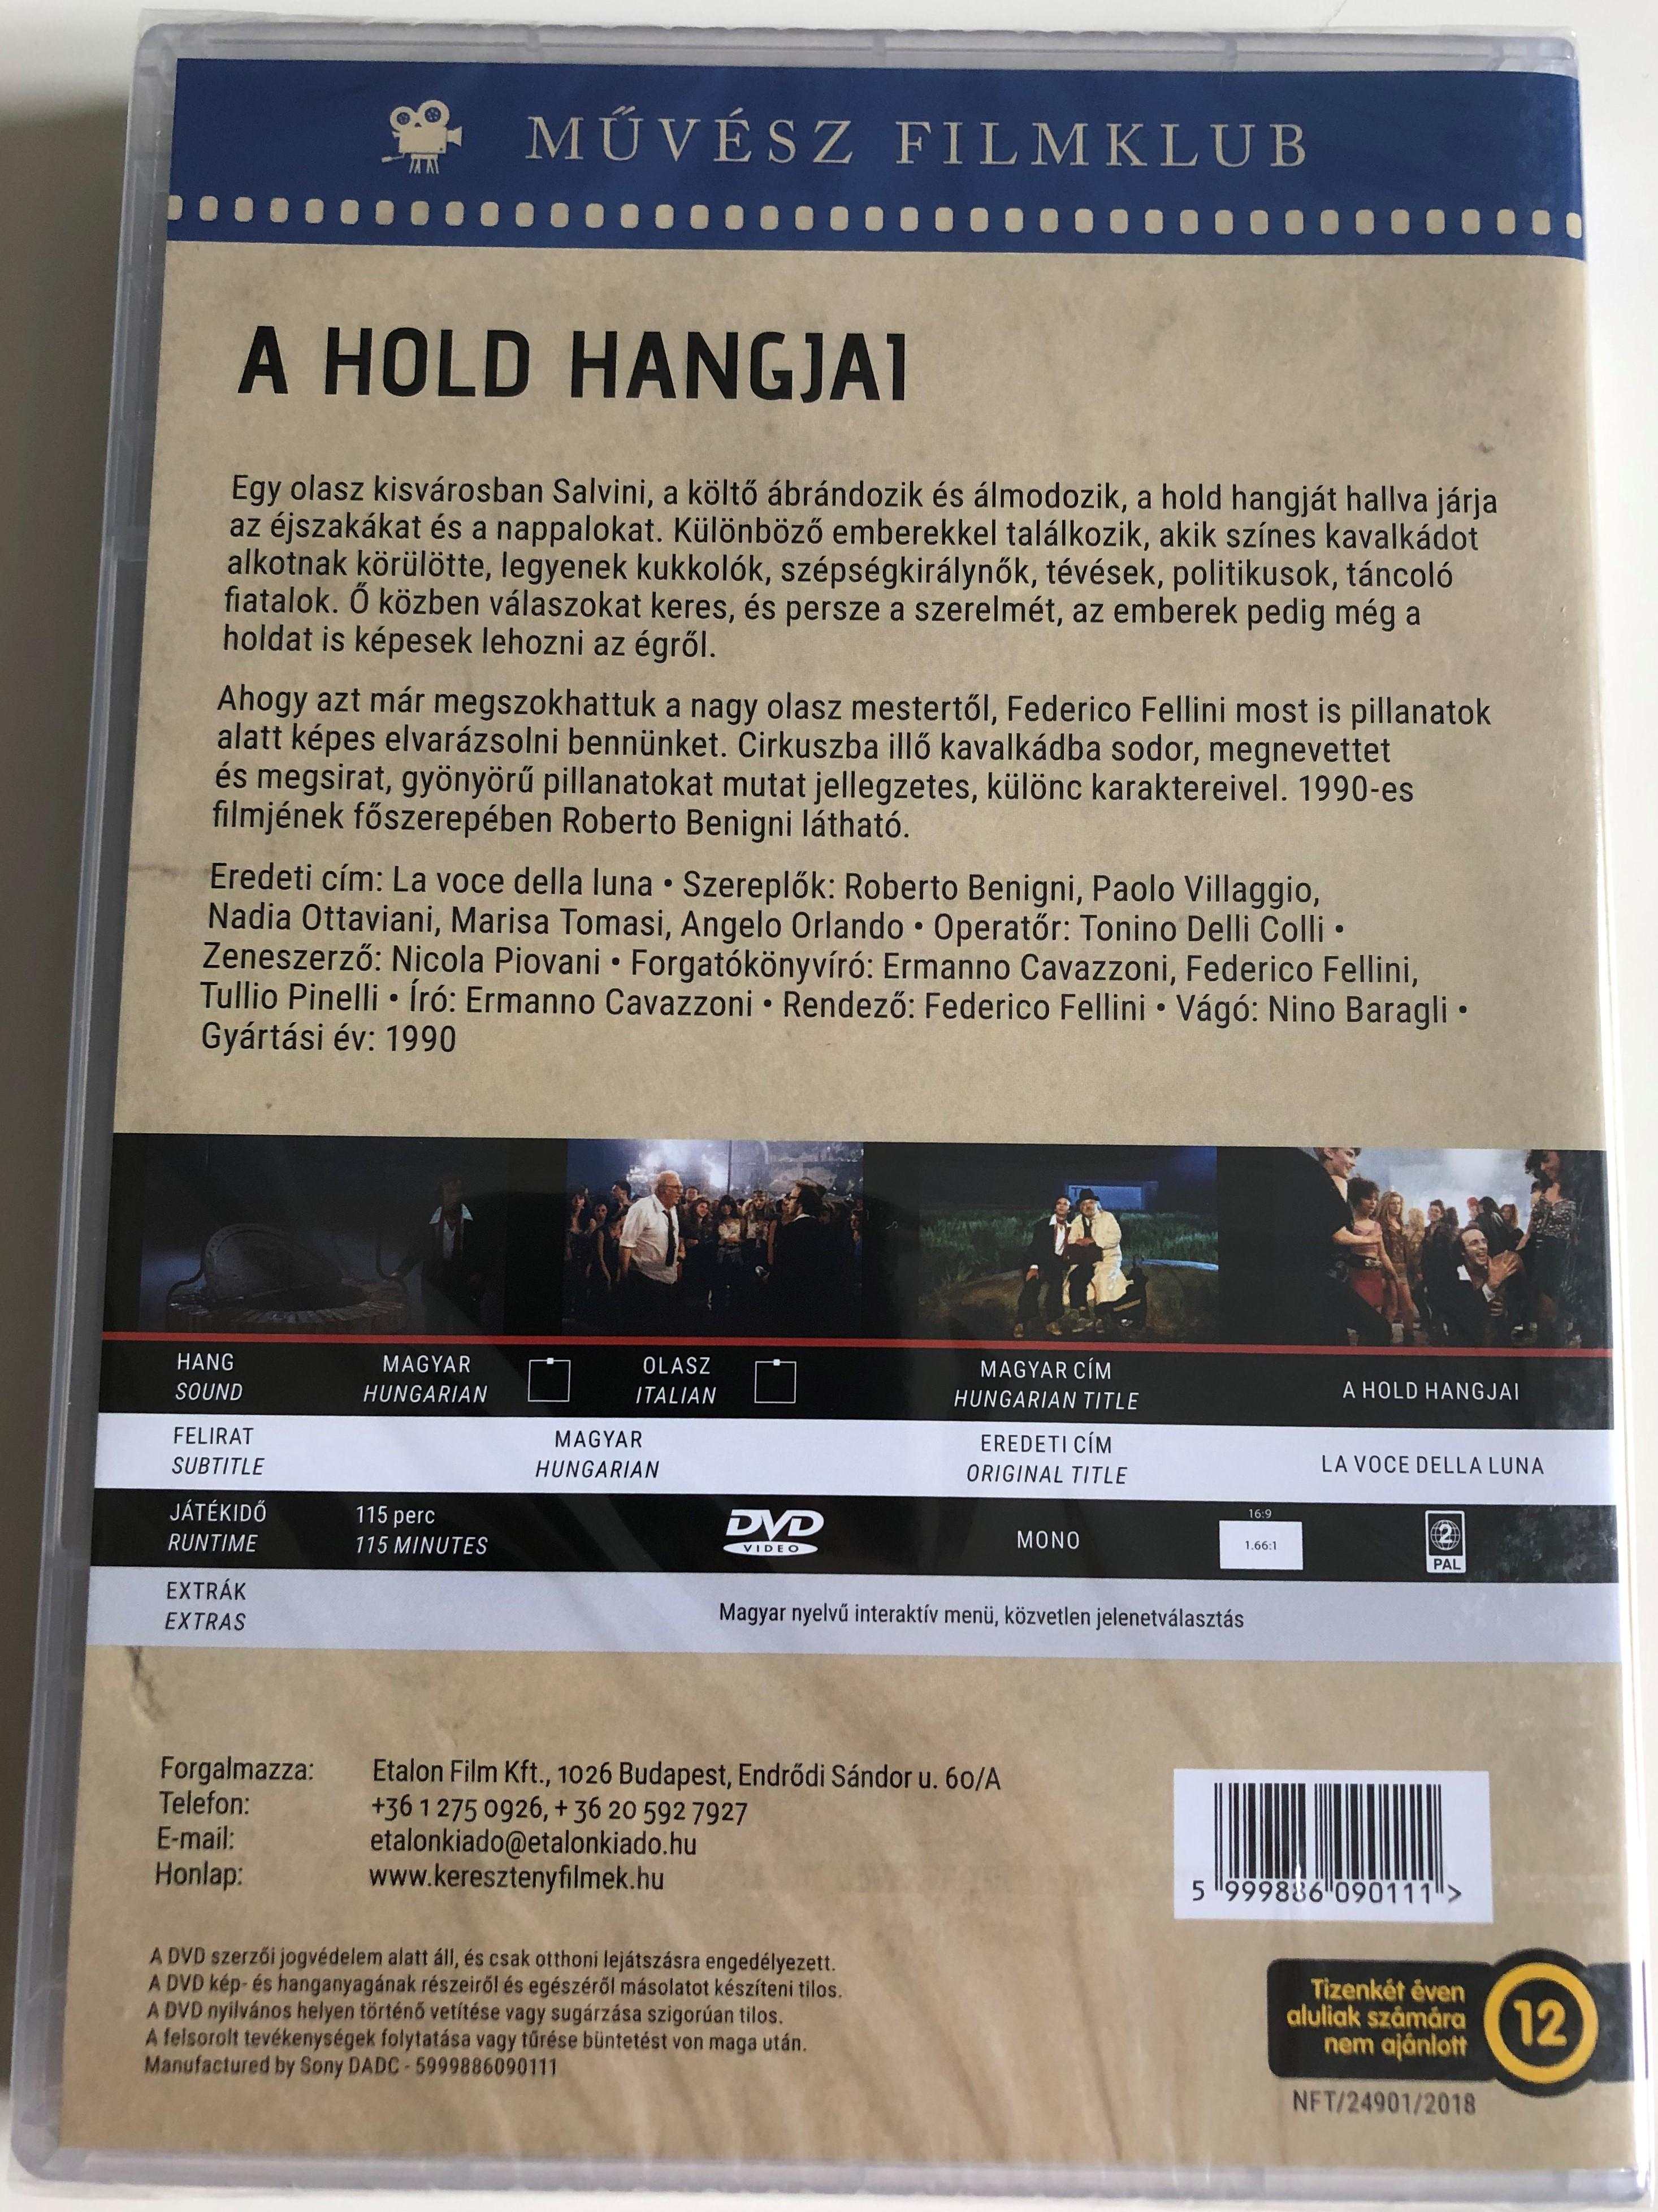 la-voce-della-luna-dvd-1990-a-hold-hangjai-the-voice-of-the-moon-directed-by-federico-fellini-starring-roberto-benigni-paolo-villaggio-nadia-ottaviani-2-.jpg